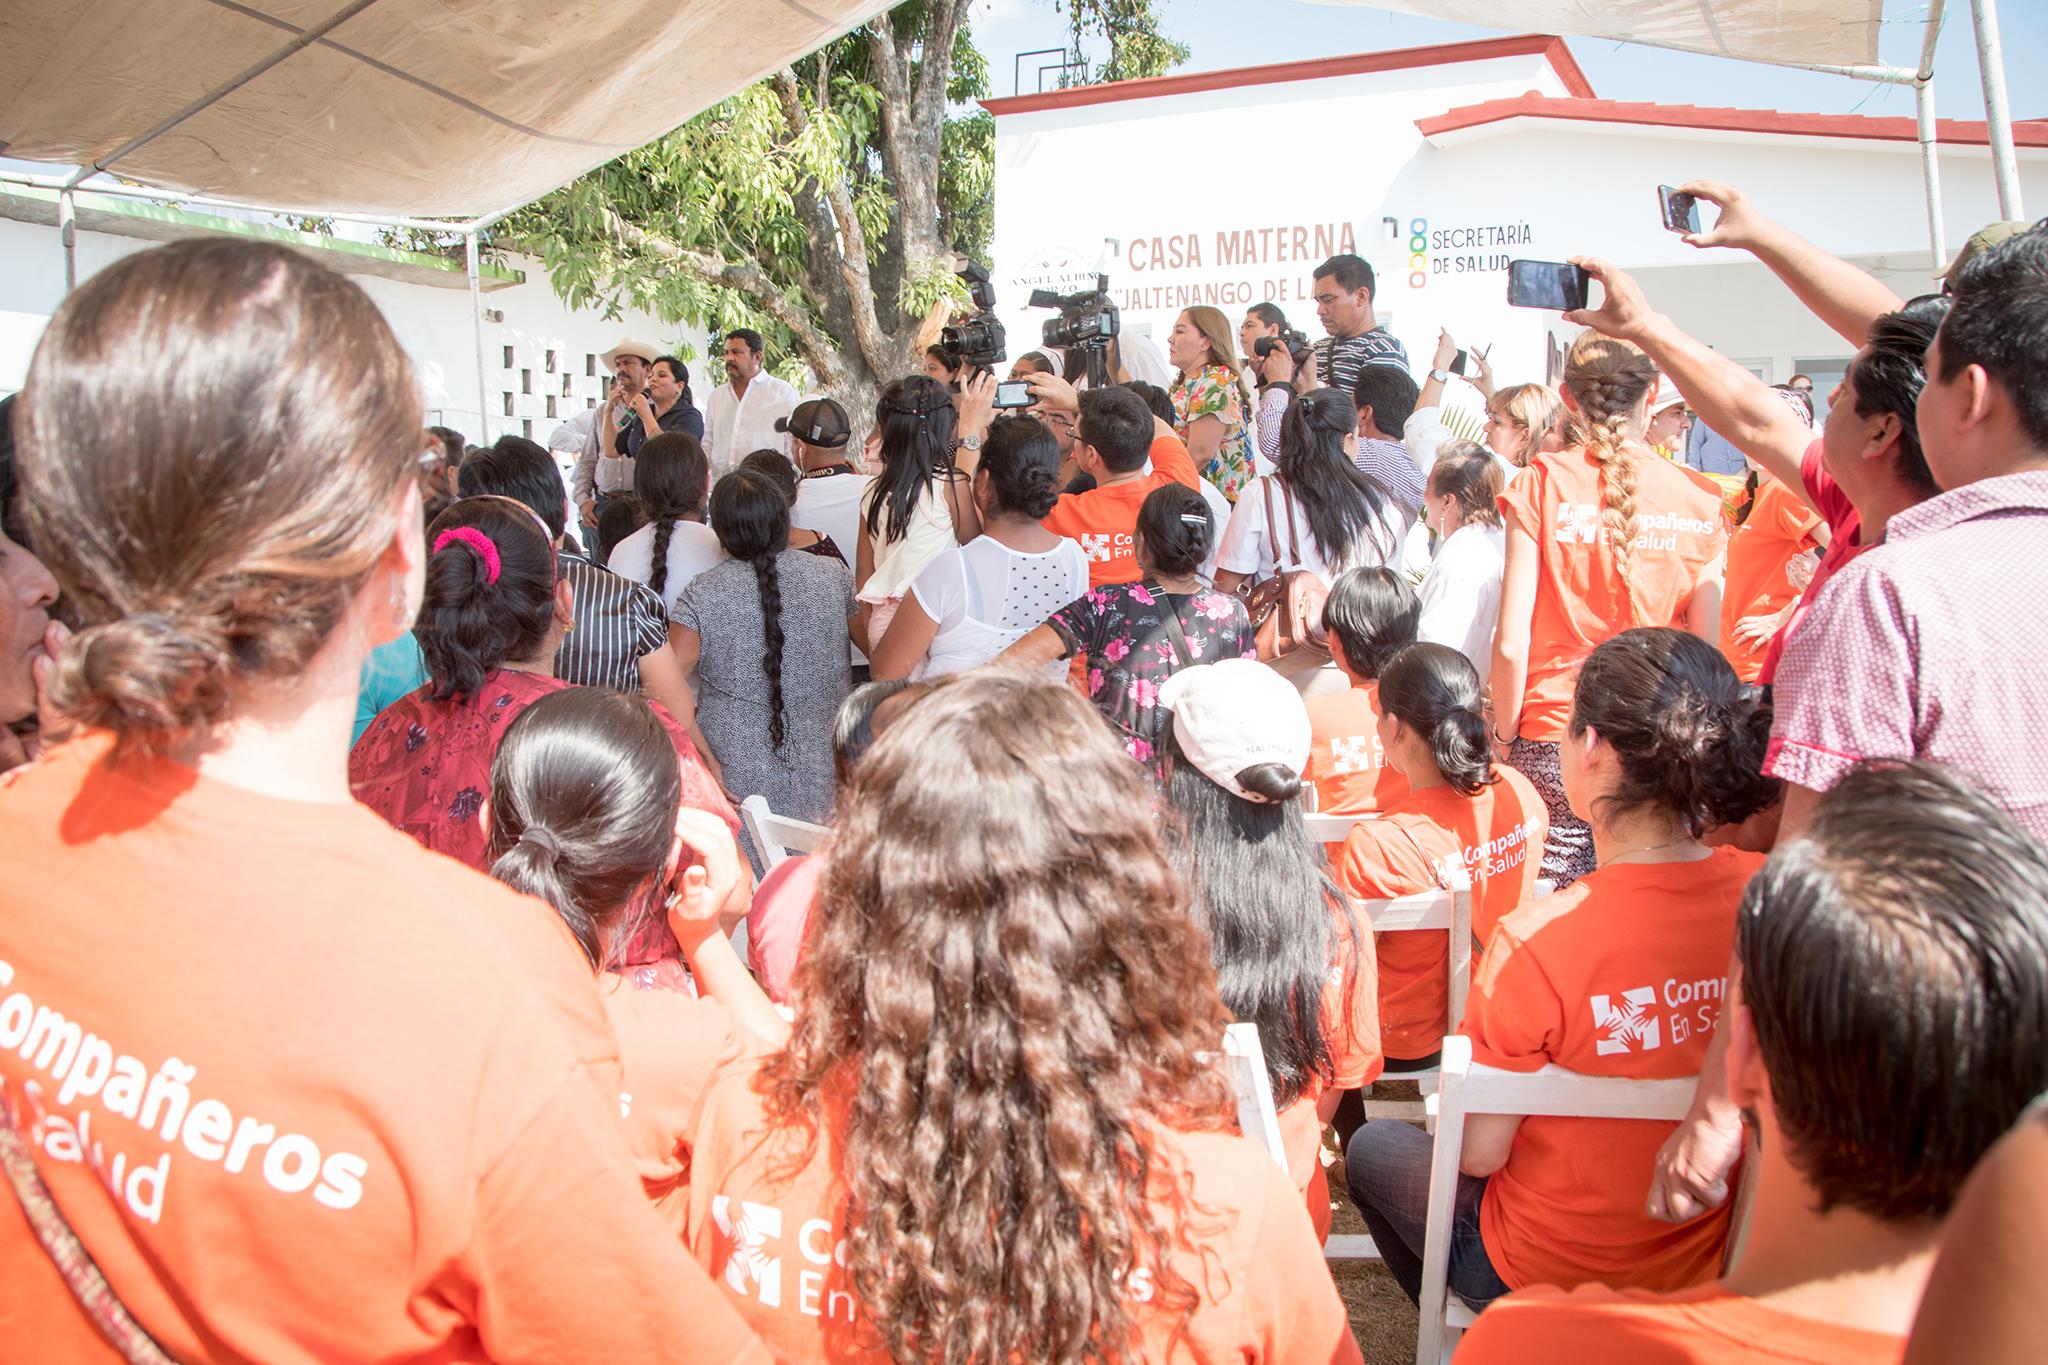 ¡La inauguración de la casa materna en Jaltenango de la Paz! Aquí, las mujeres de toda la región tienen acceso a un servicio público de atención obstétrica de alta calidad. El objetivo de brindar una atención segura, respetuosa y de calidad se ha logrado gracias a la colaboración entre el Hospital Básico Comunitario, las parteras tradicionales de la región y el equipo de salud materna de CES. En el año 2017, el equipo de salud materna de CES colaboró en la atención de más de 500 partos y brindó más de 3000 consultas obstétricas